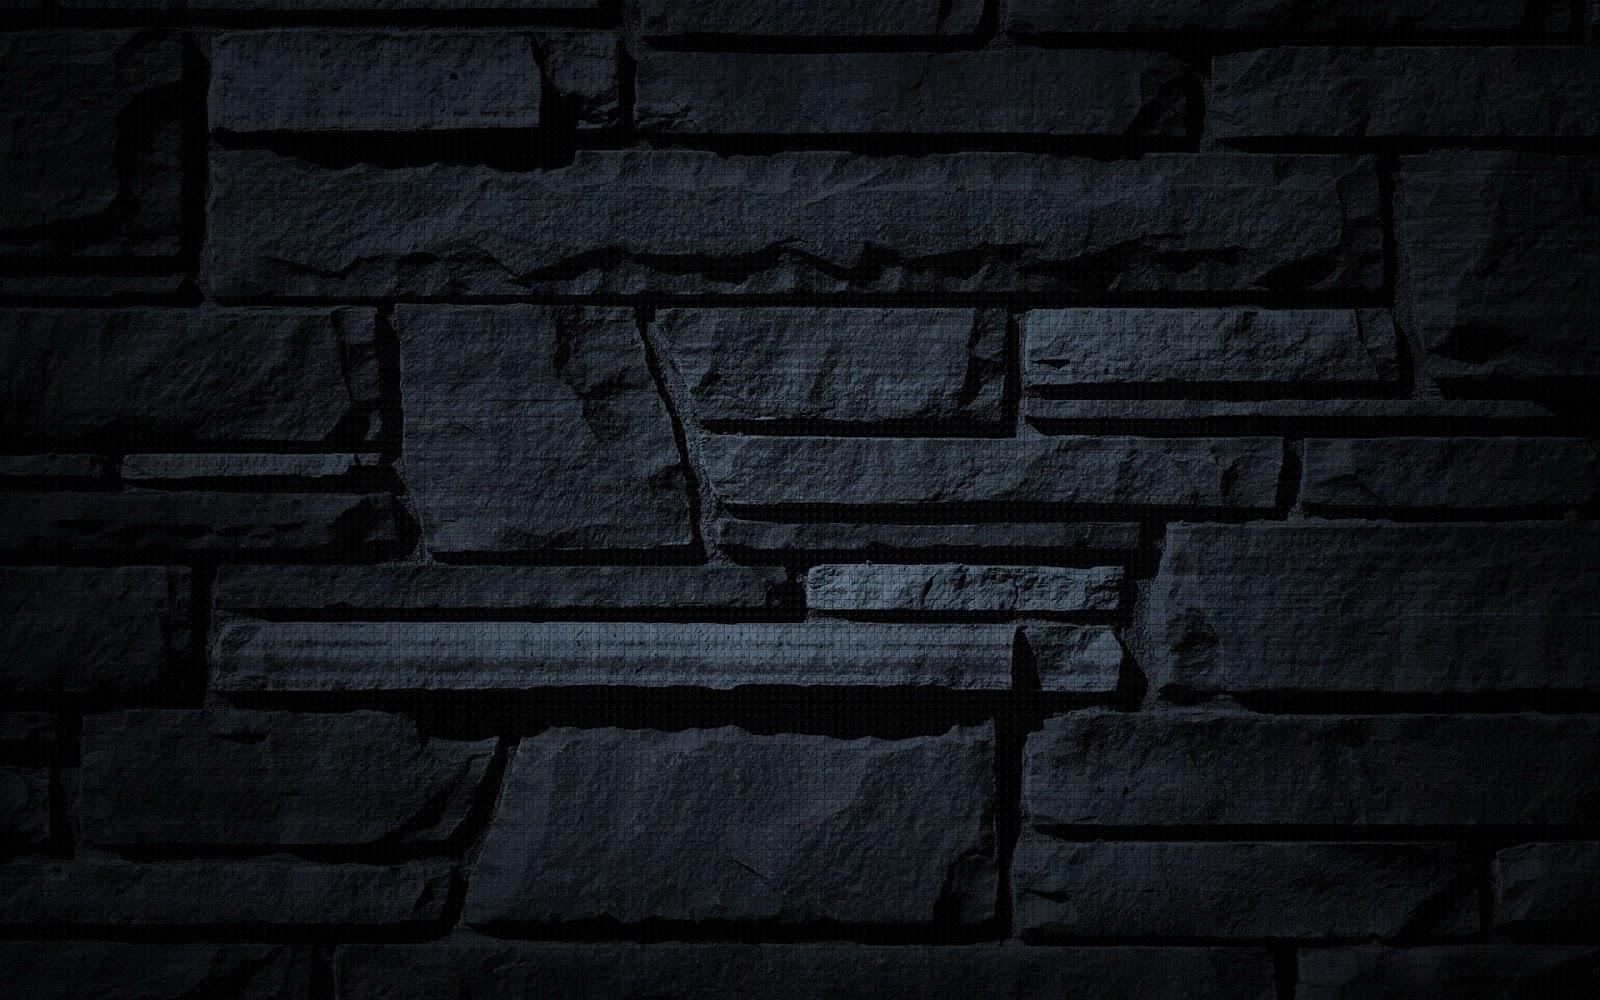 http://2.bp.blogspot.com/-E_kv1csc7ns/UJwWDTi8RzI/AAAAAAAAJ88/xqvfTSa4Oj8/s1600/stone-bricks-desktop-wallpaper.jpg